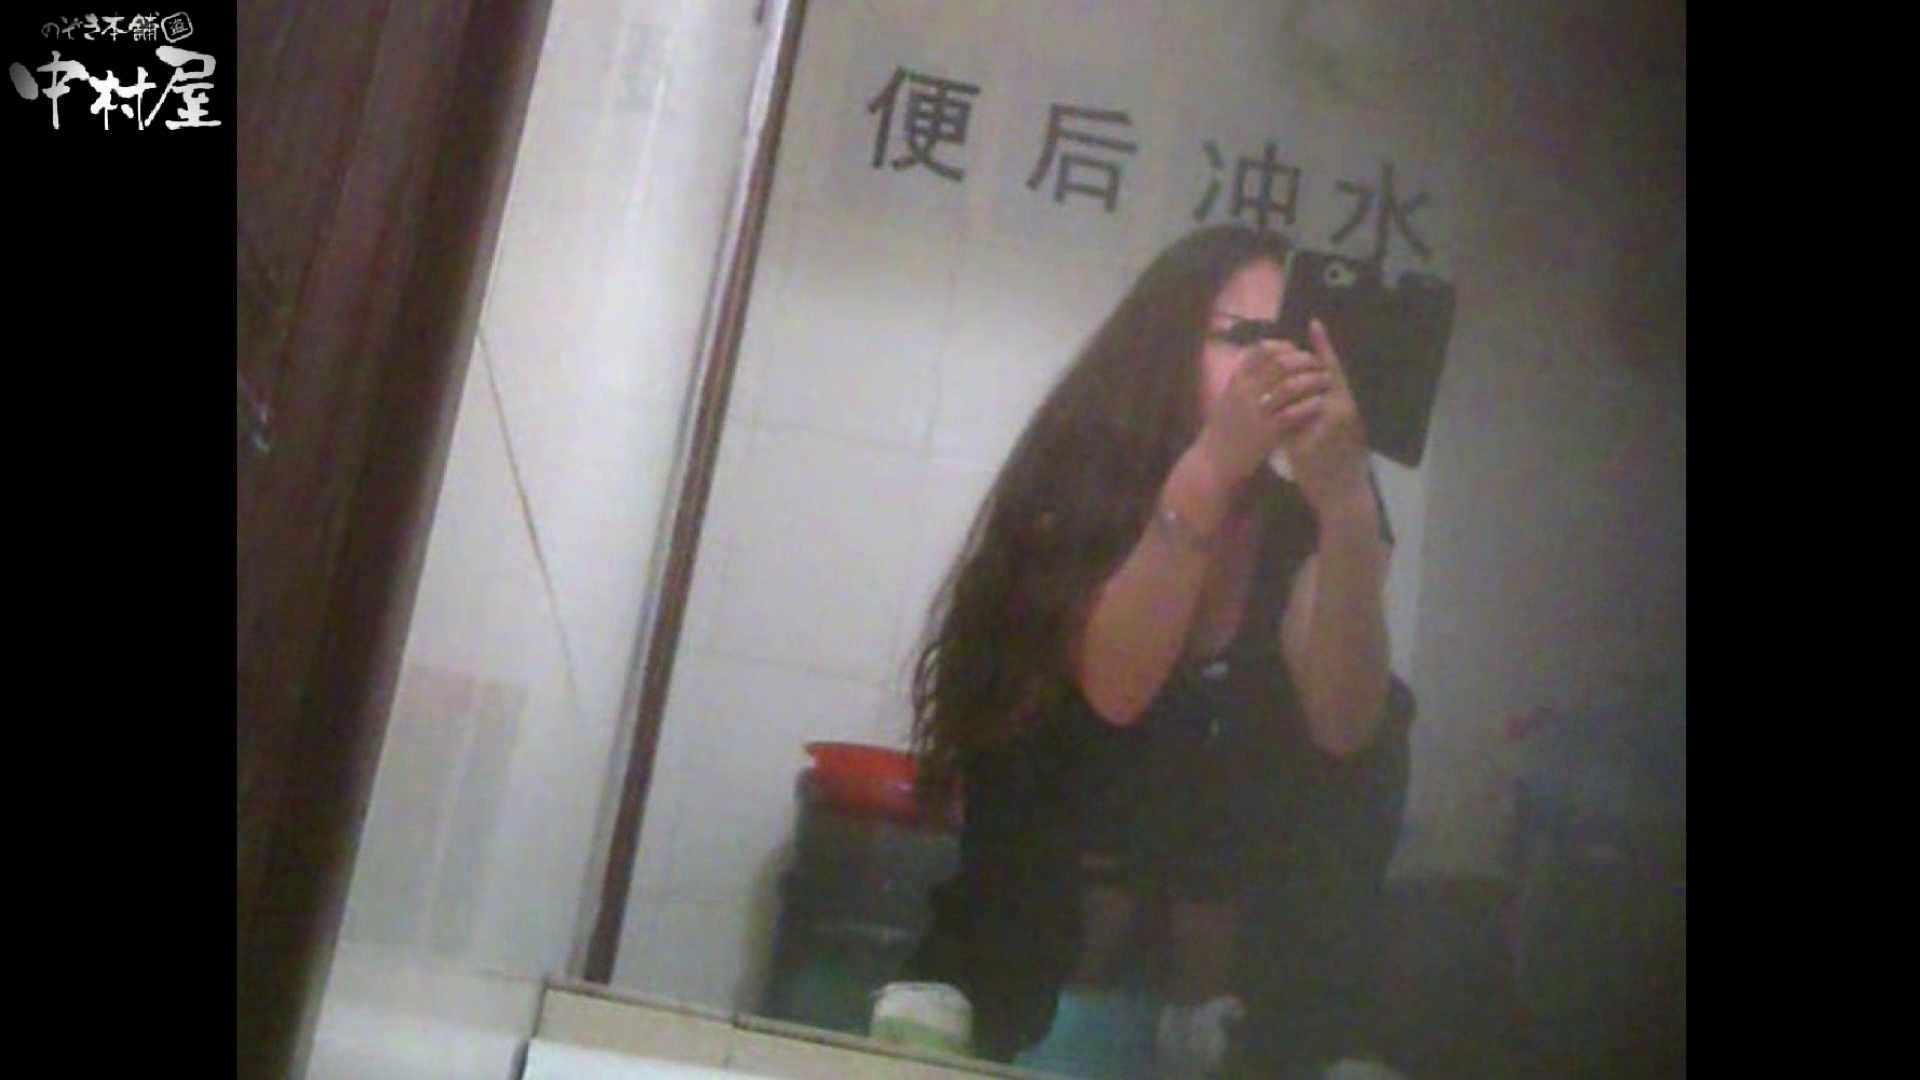 李さんの盗撮日記 Vol.03 エッチな盗撮 アダルト動画キャプチャ 101pic 66